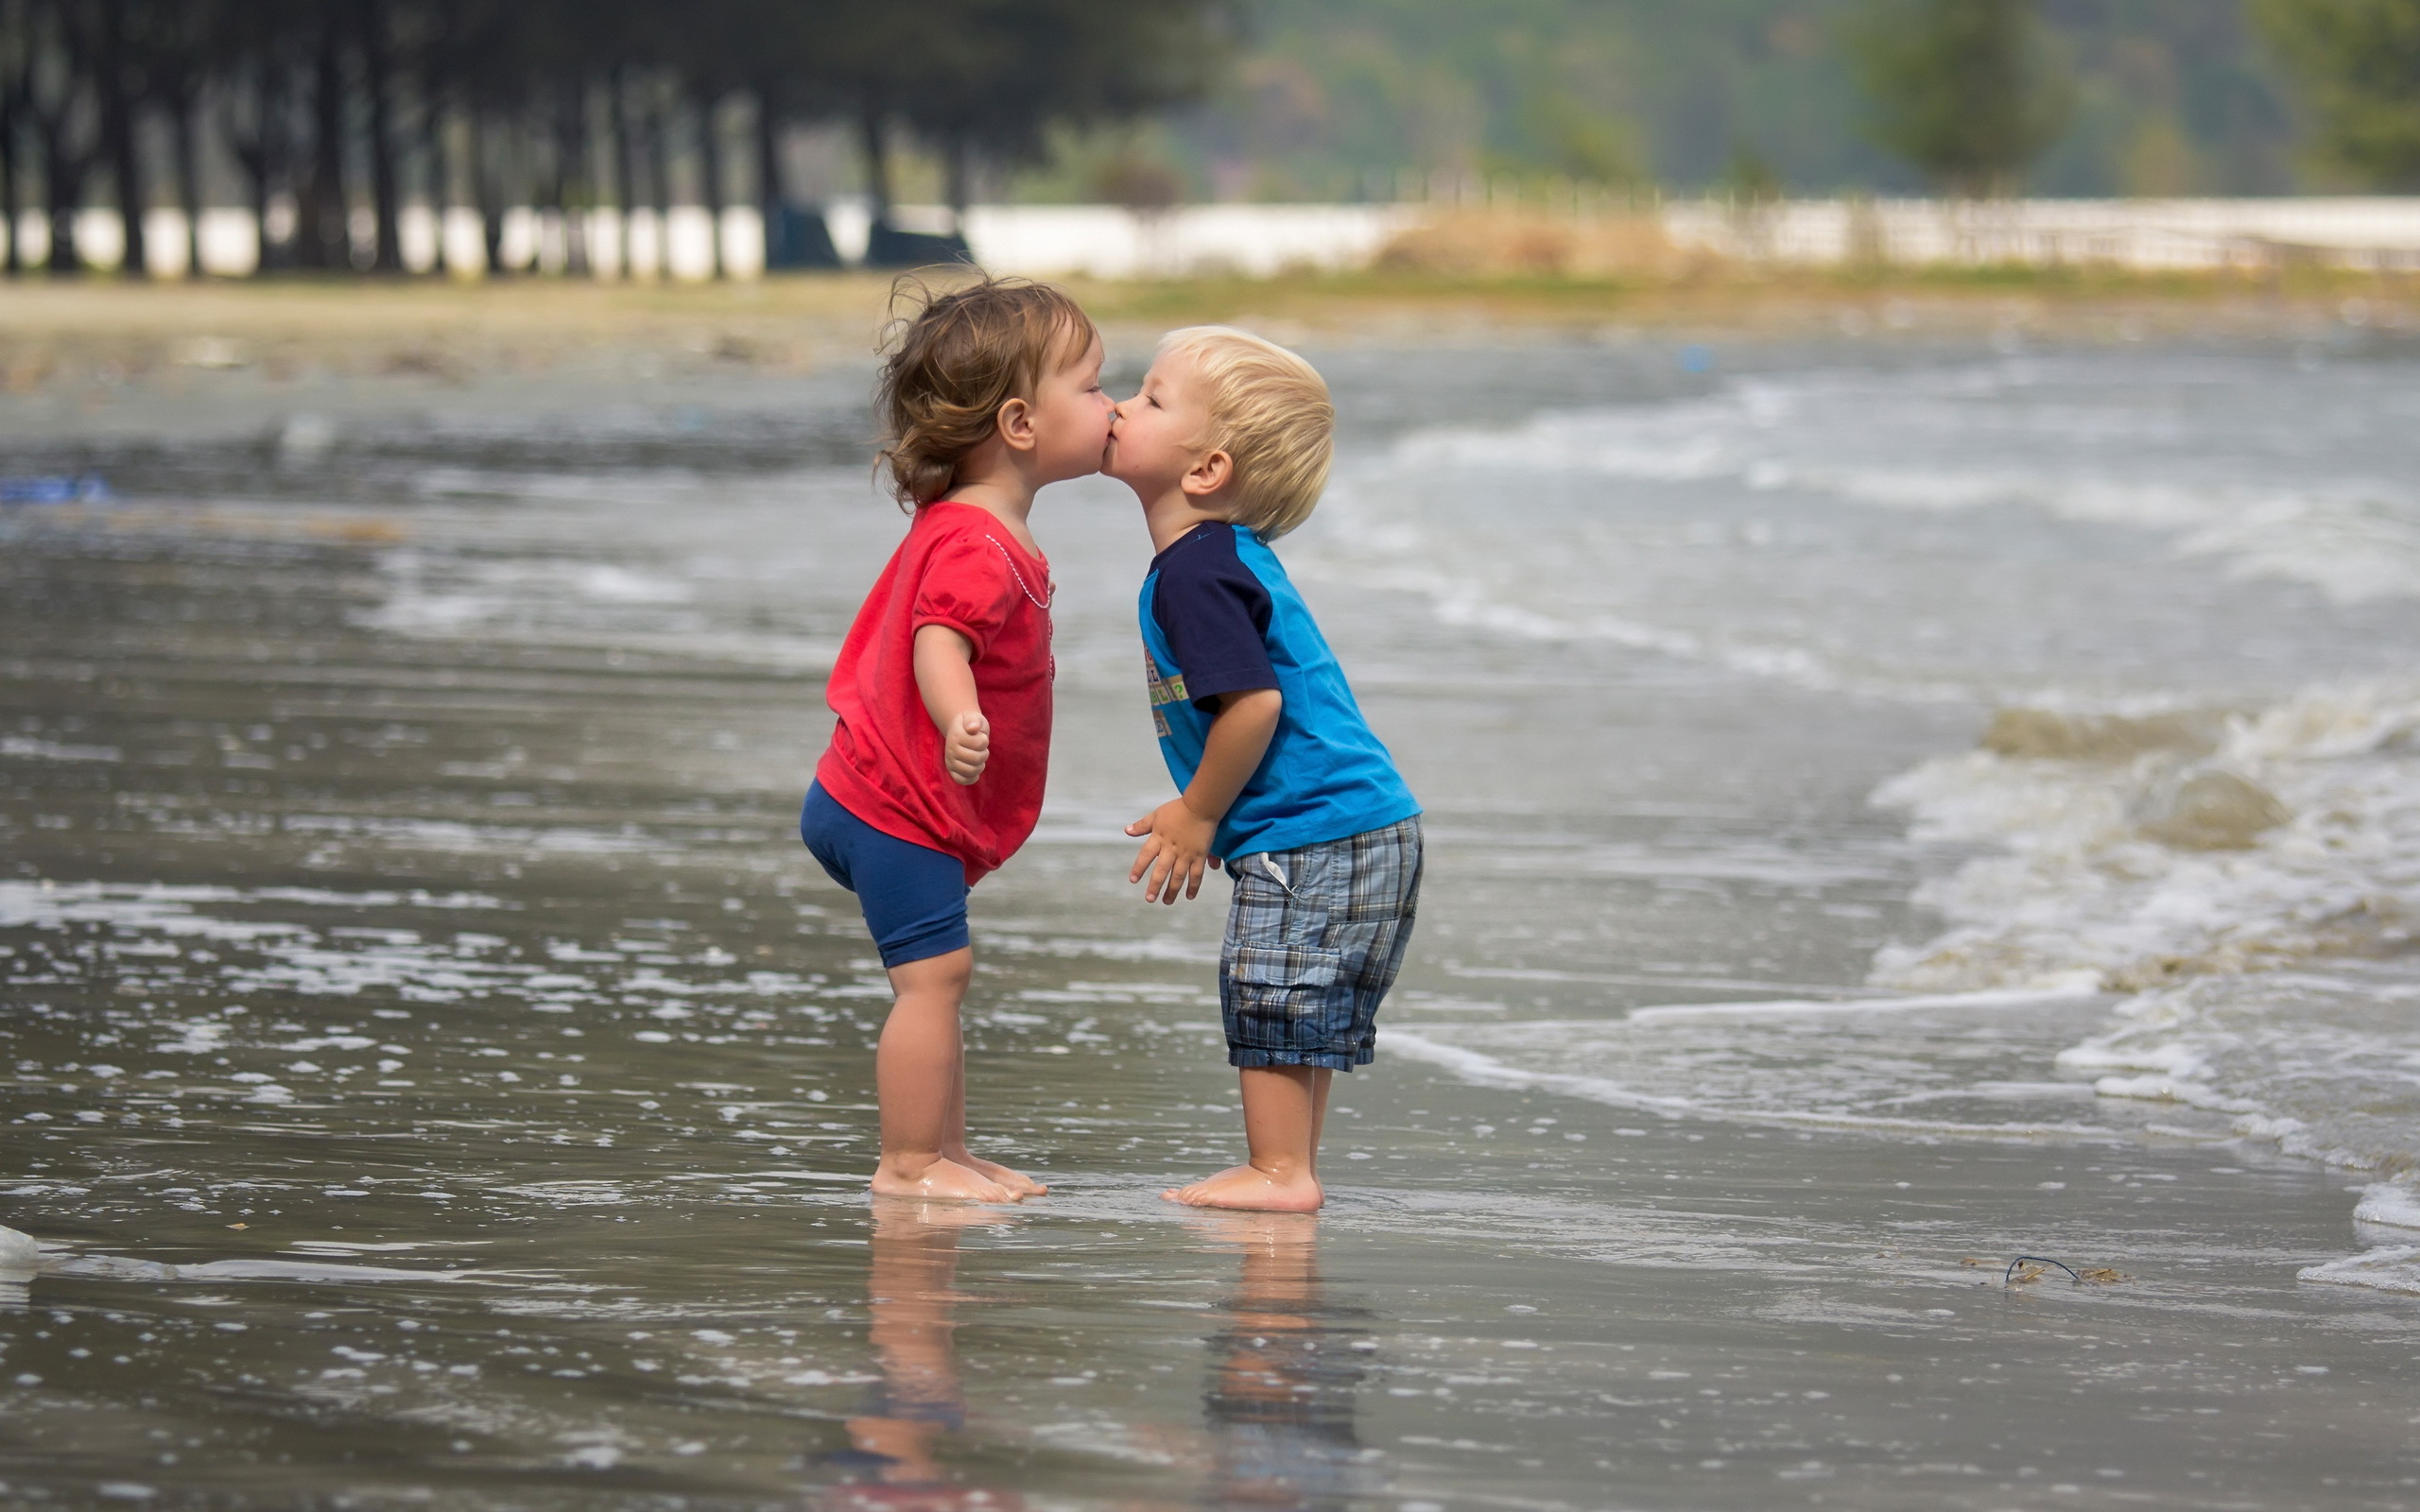 283Фото как целуются мальчик и девочка взрослые